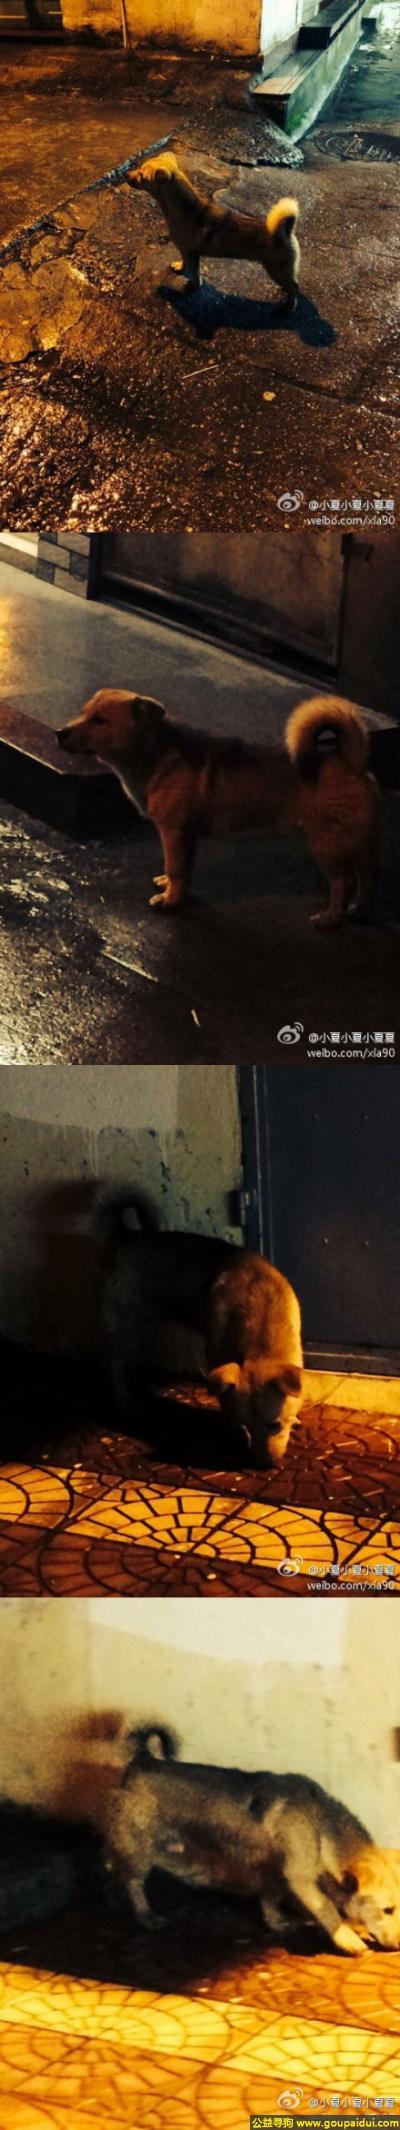 莆田寻狗主人,建省莆田市城厢区建安路发现一只流浪狗,它是一只非常可爱的宠物狗狗,希望它早日回家,不要变成流浪狗。